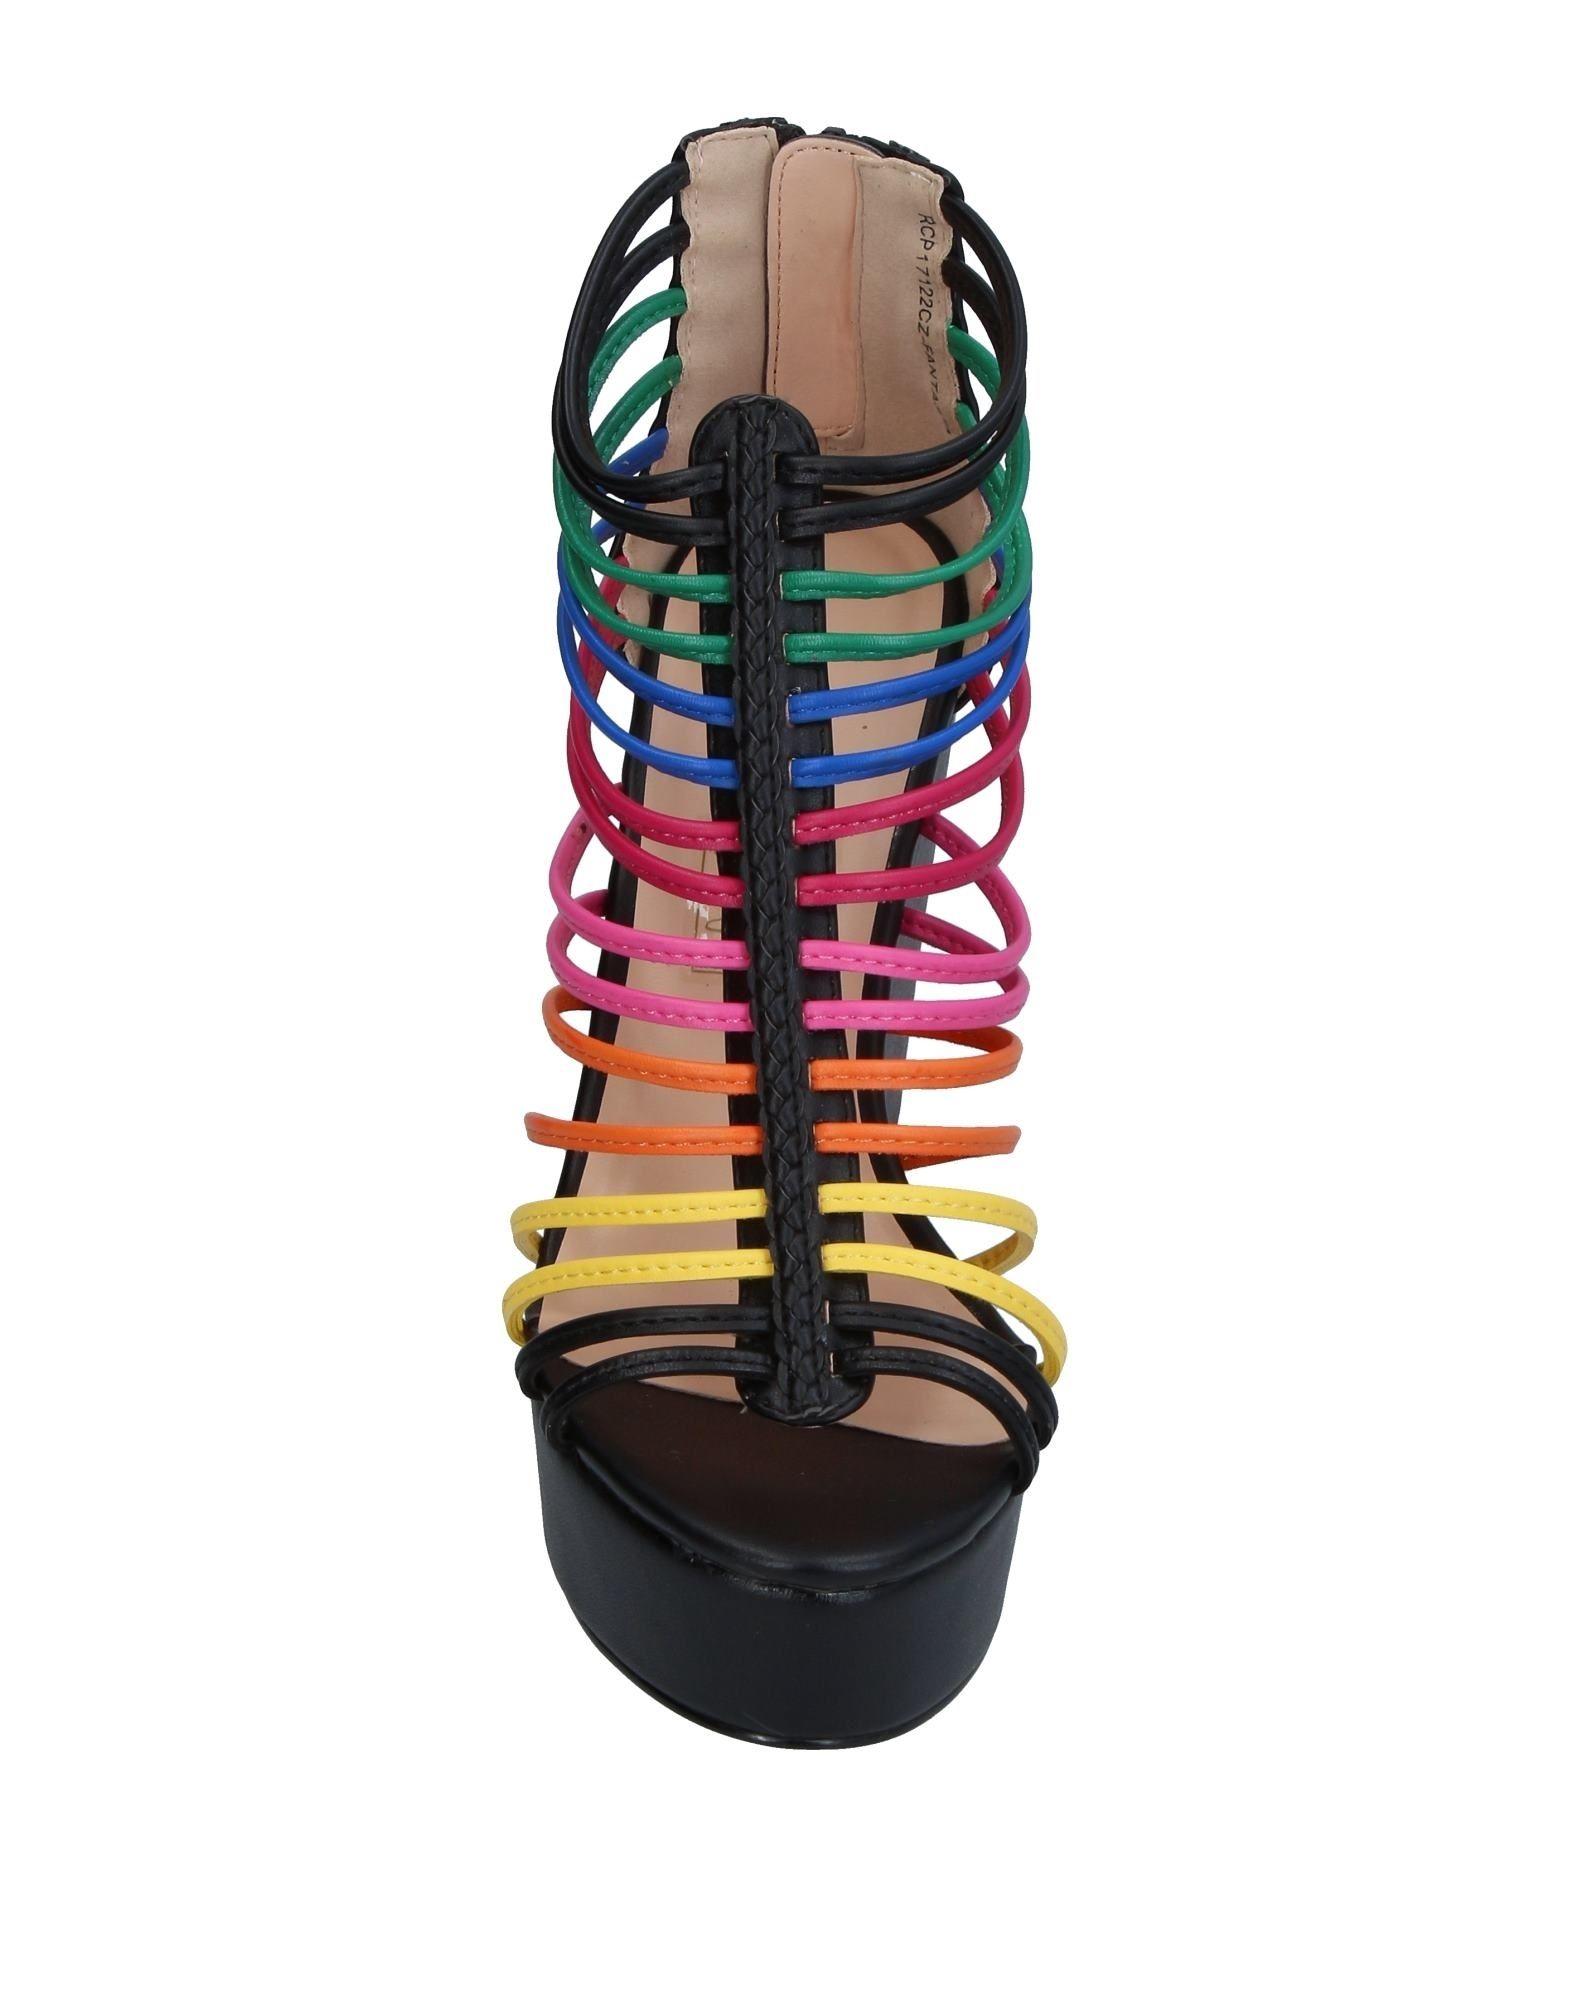 Silvian Heach Sandalen Damen beliebte  11374742SL Gute Qualität beliebte Damen Schuhe 572312